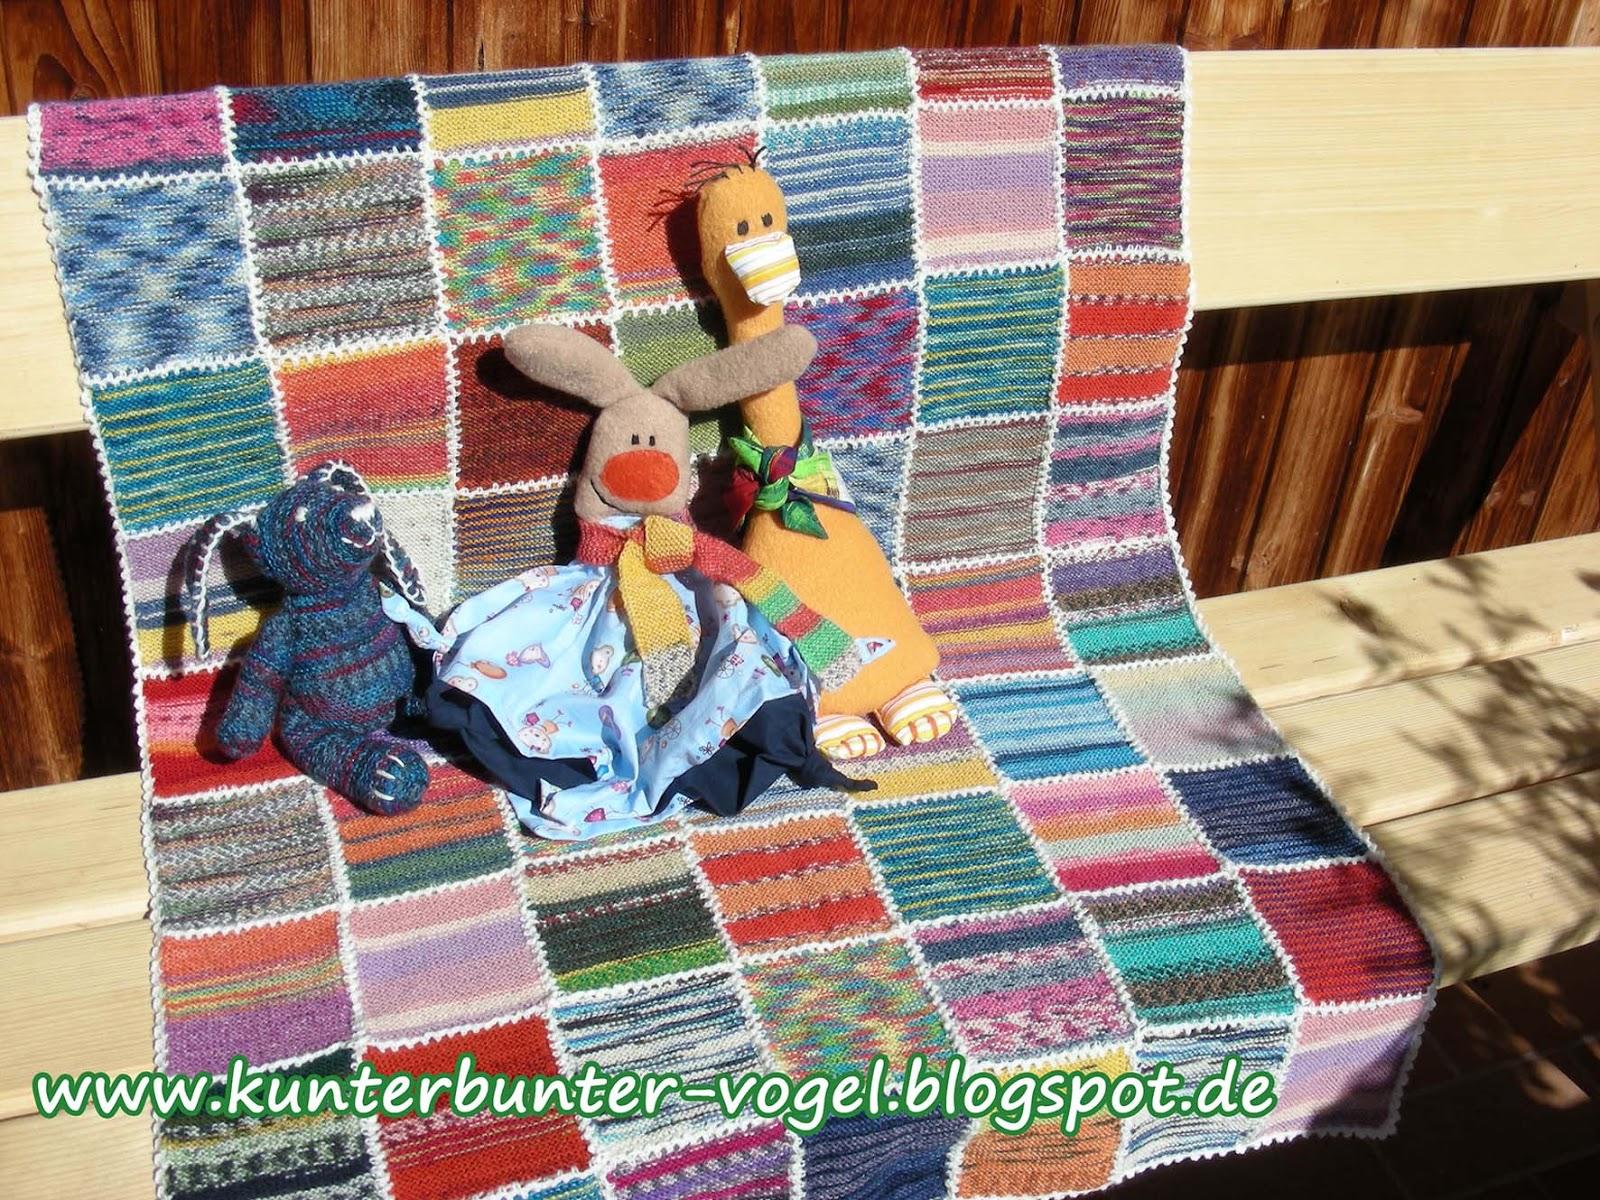 kunterbunter vogel anleitung babydecke aus sockenwollresten. Black Bedroom Furniture Sets. Home Design Ideas